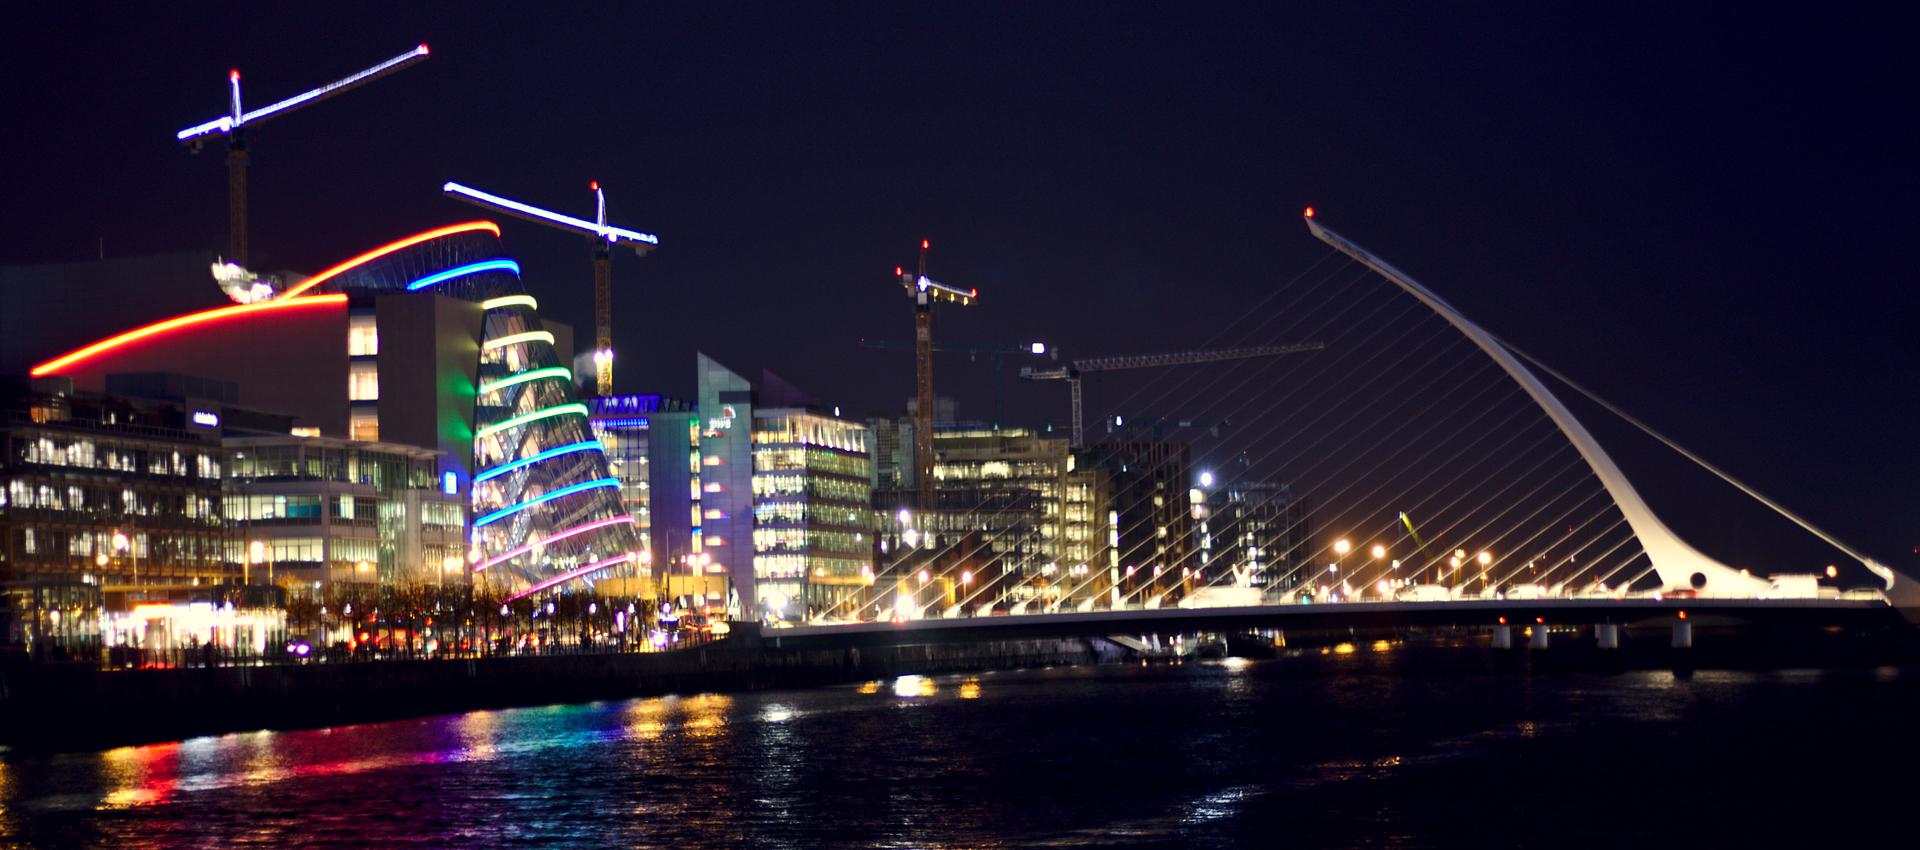 Irland Traveldiary #1 - Dublin: Die kleine aber feine Metropole